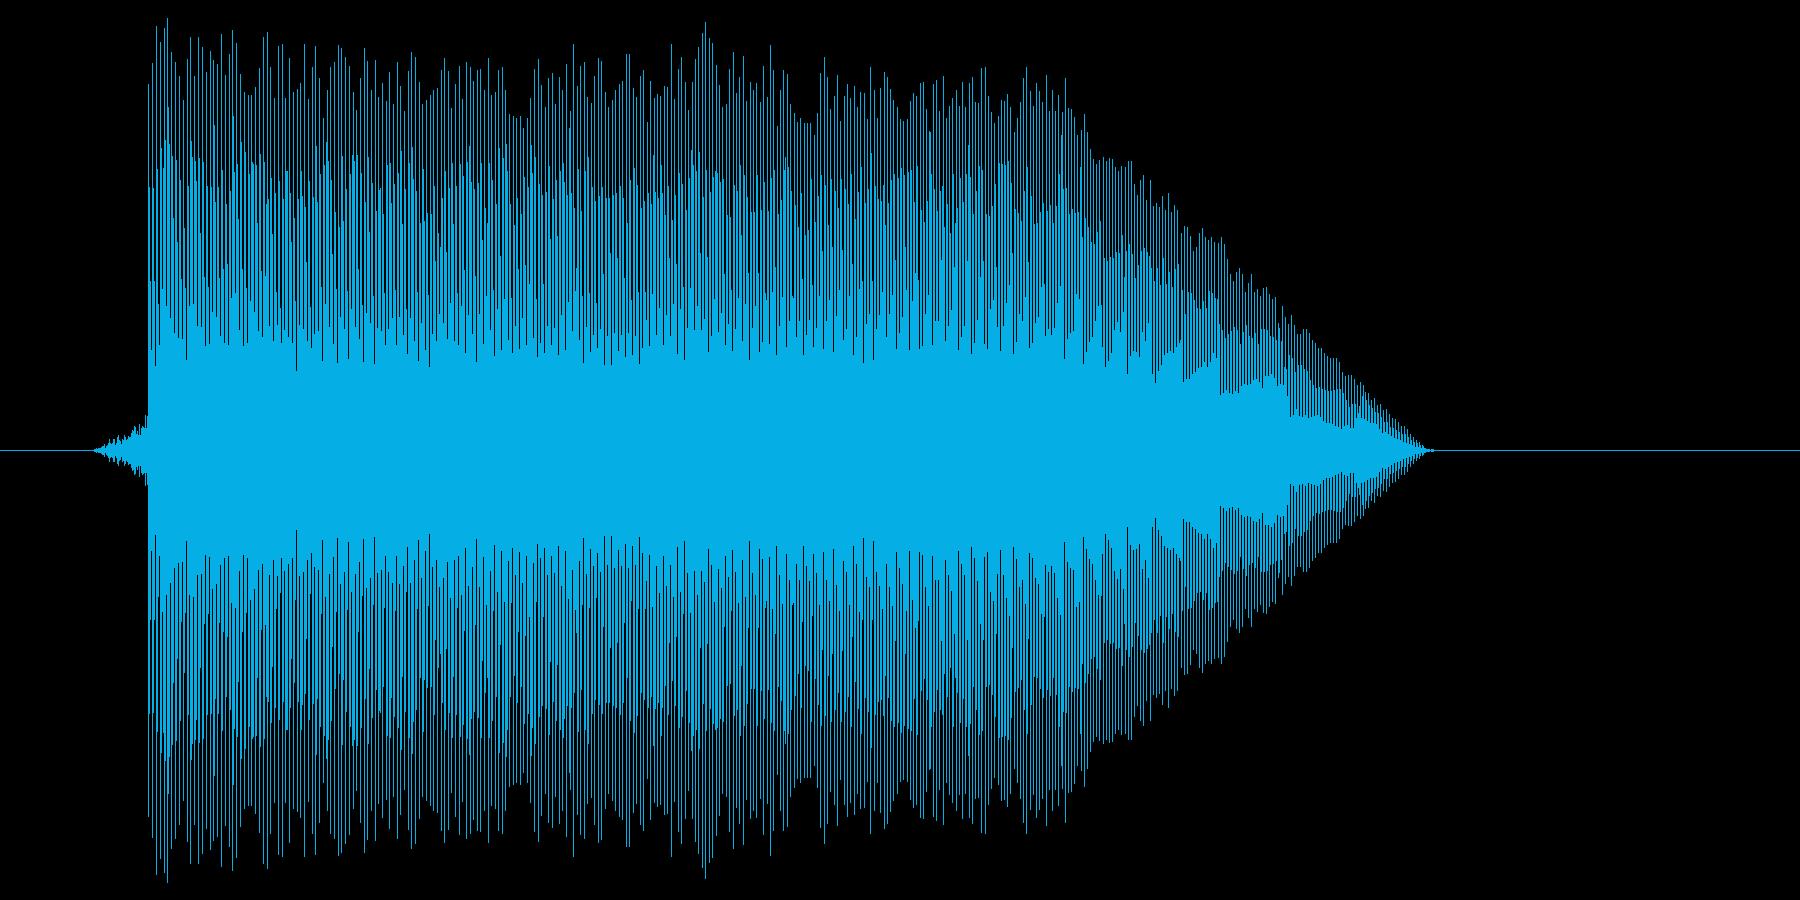 ゲーム(ファミコン風)ジャンプ音_018の再生済みの波形